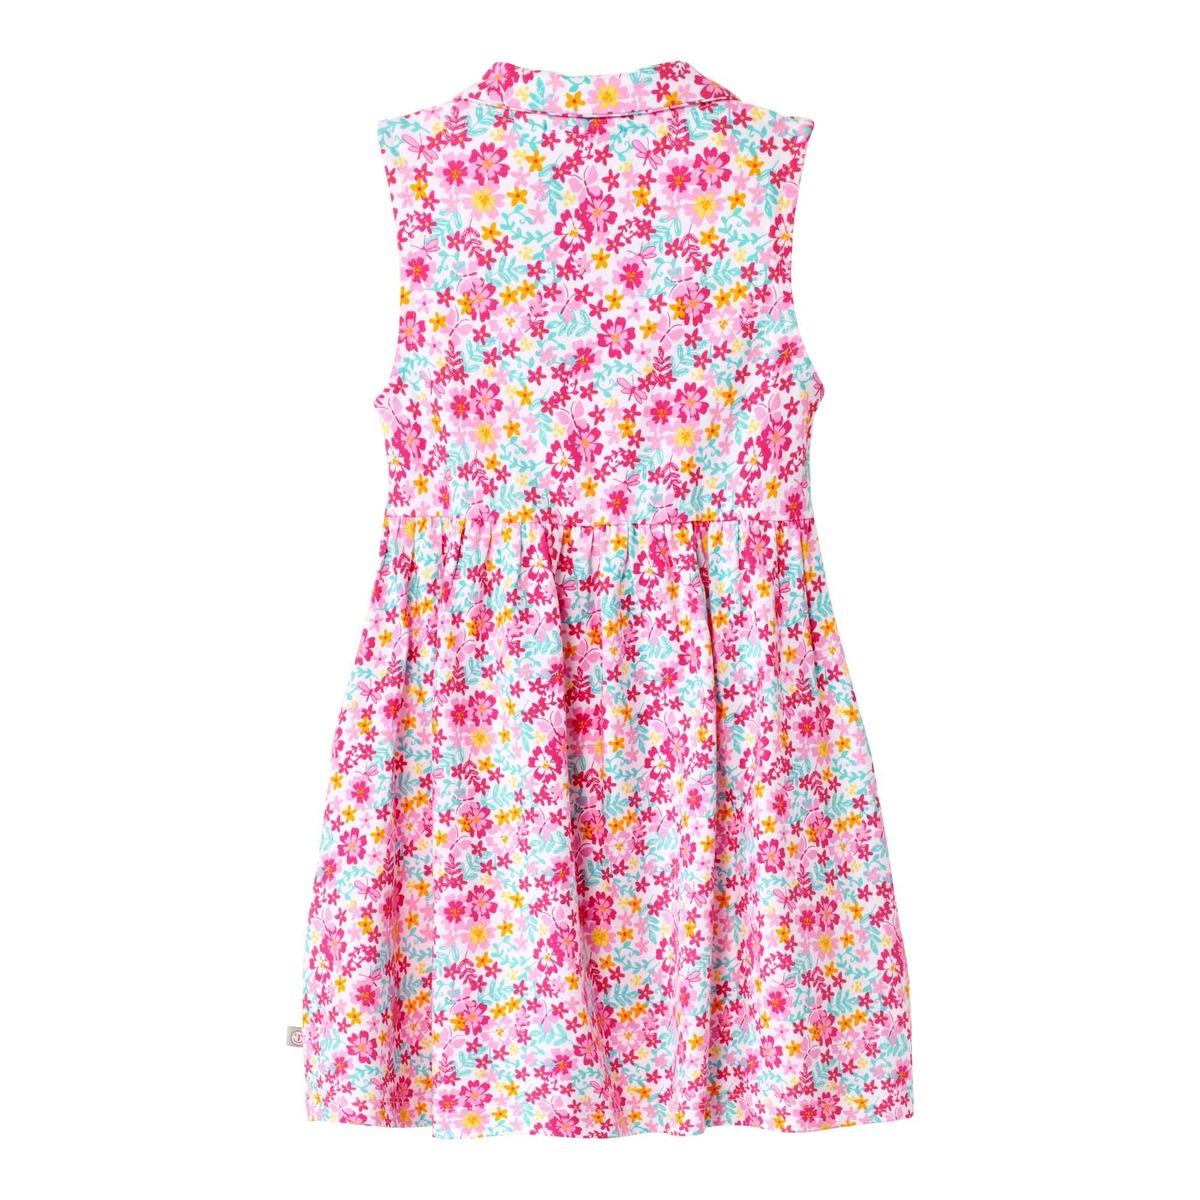 Bild 2 von Baby-Mädchen-Kleid mit farbenfrohem Blumenmuster